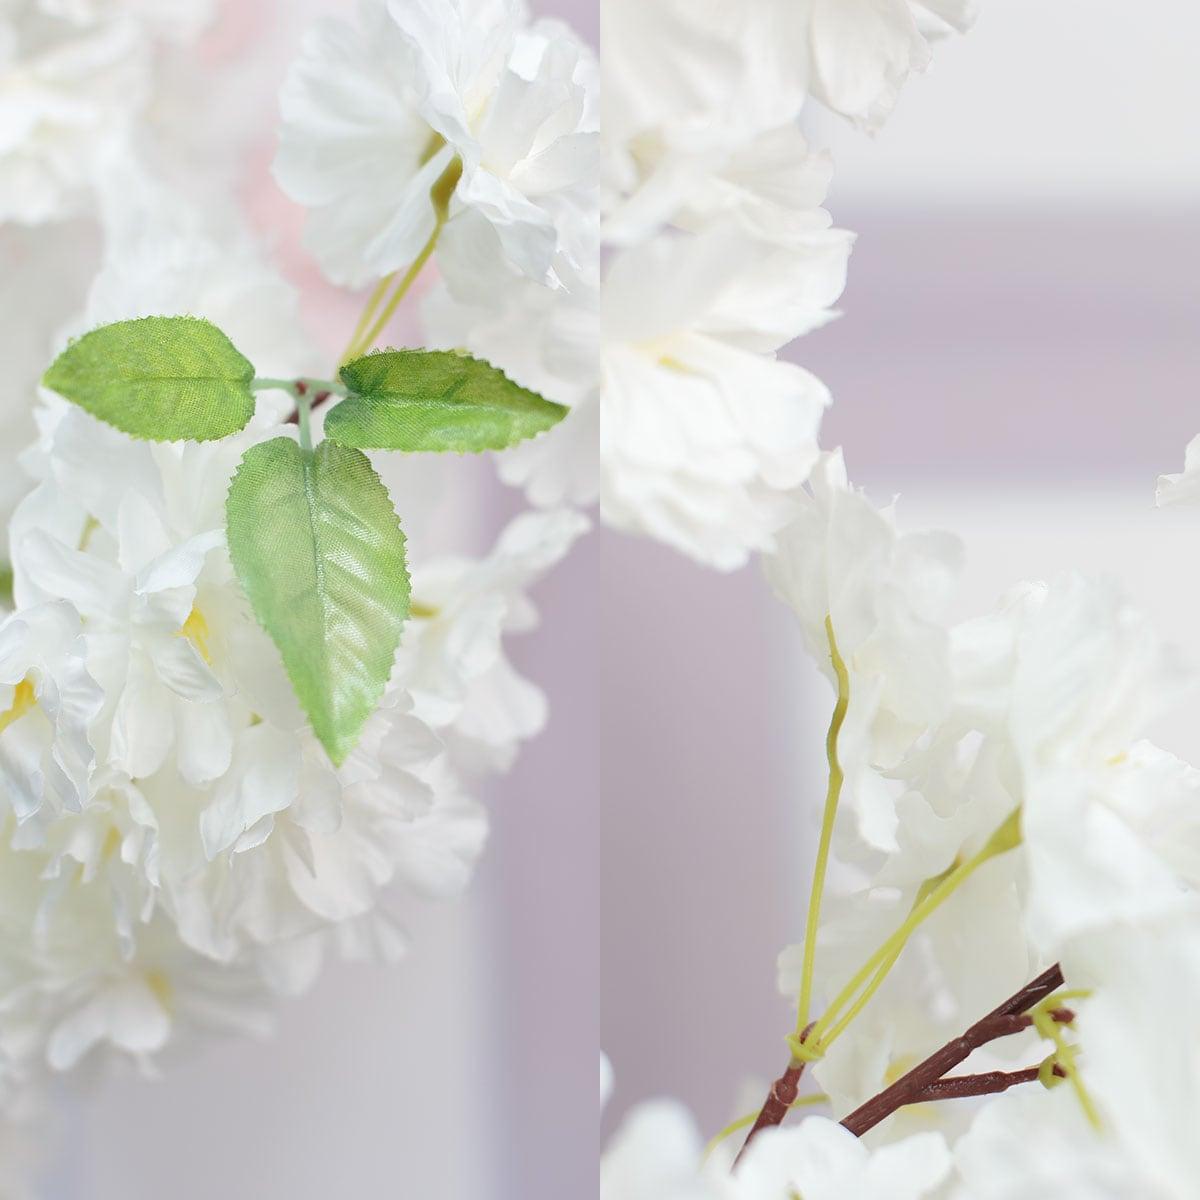 초록잎사귀 디테일과 꽃줄기 디테일사진